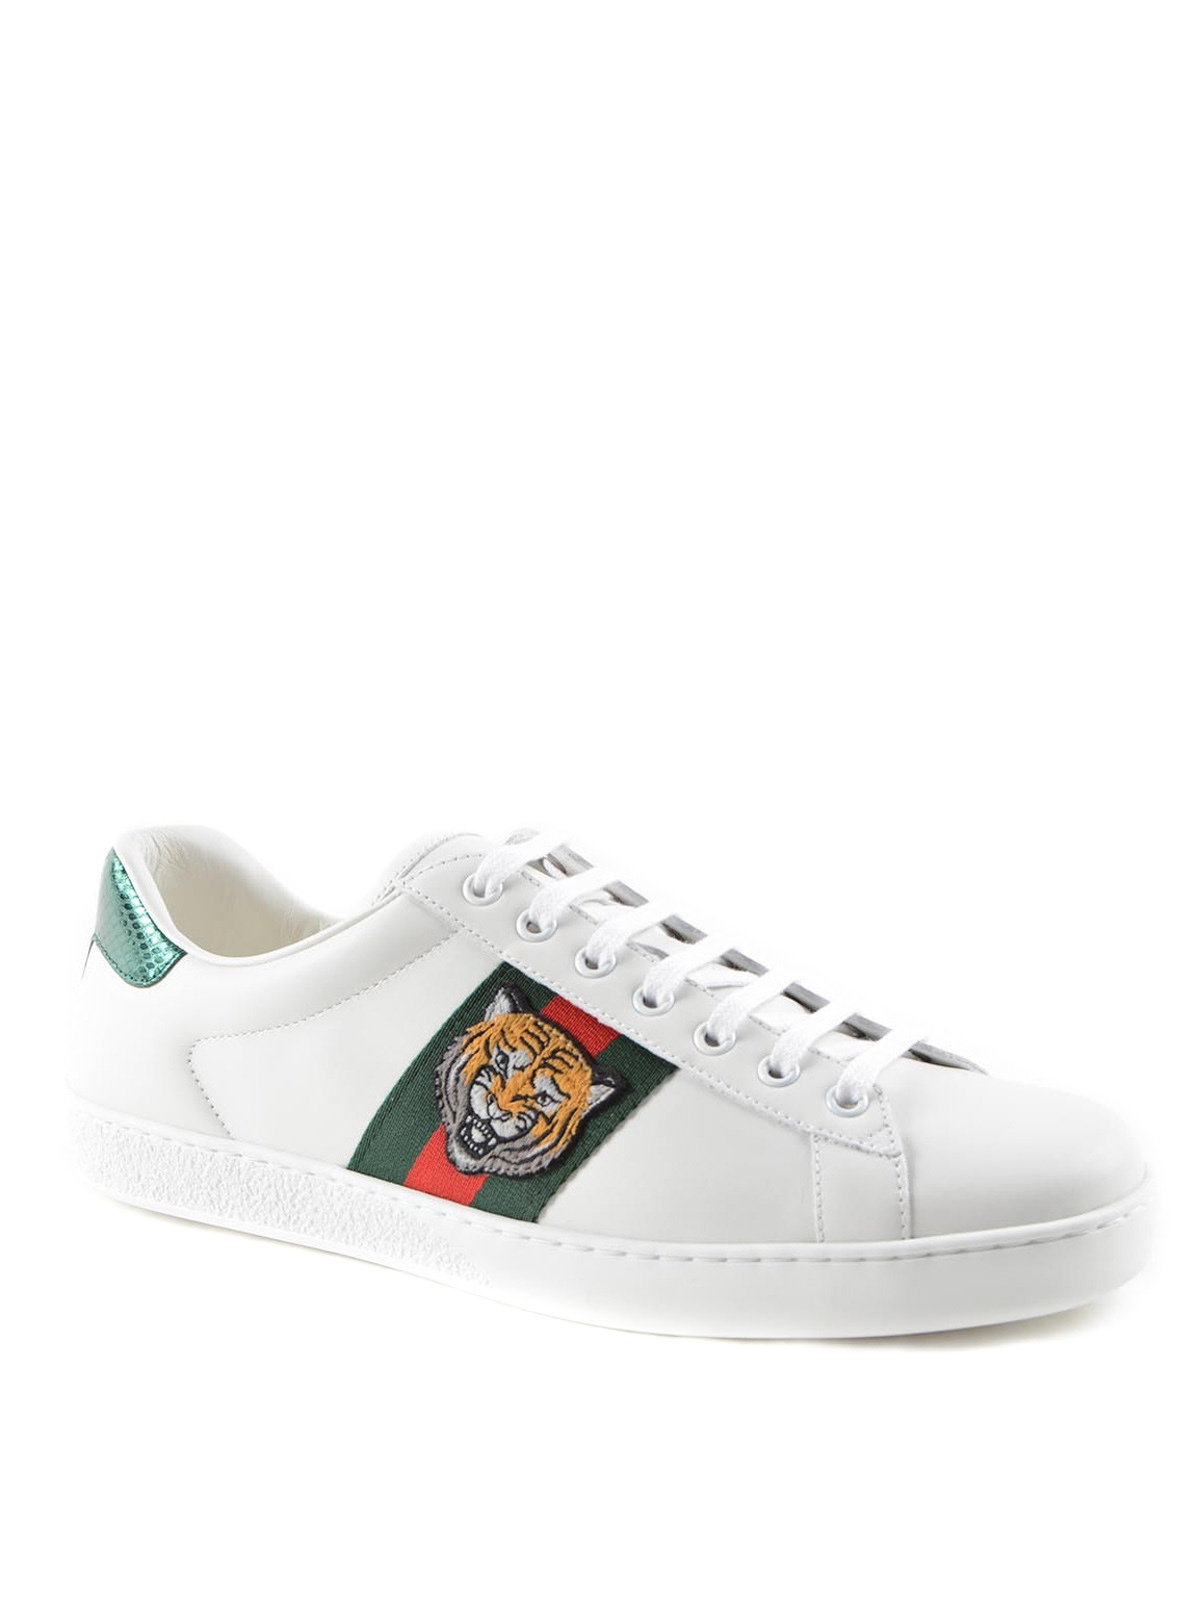 08f060f94ad40 zapatillas gucci mujer blancas plateadas rosas importadas. Cargando zoom.